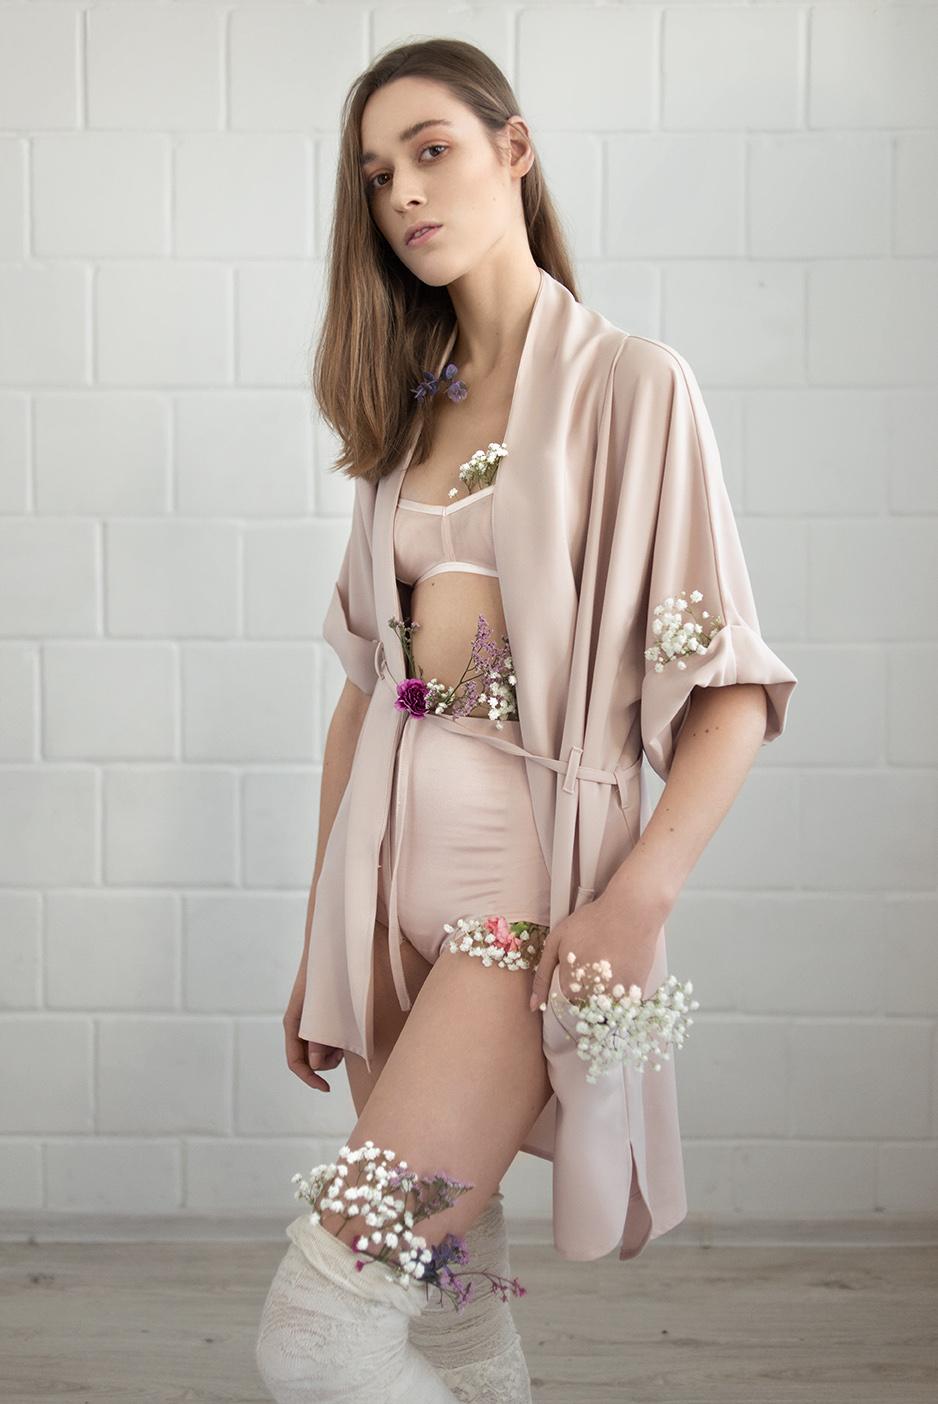 Dziewczyna od szyi w dół ubrana w satynową, brudno-różową bieliznę i szlafrok